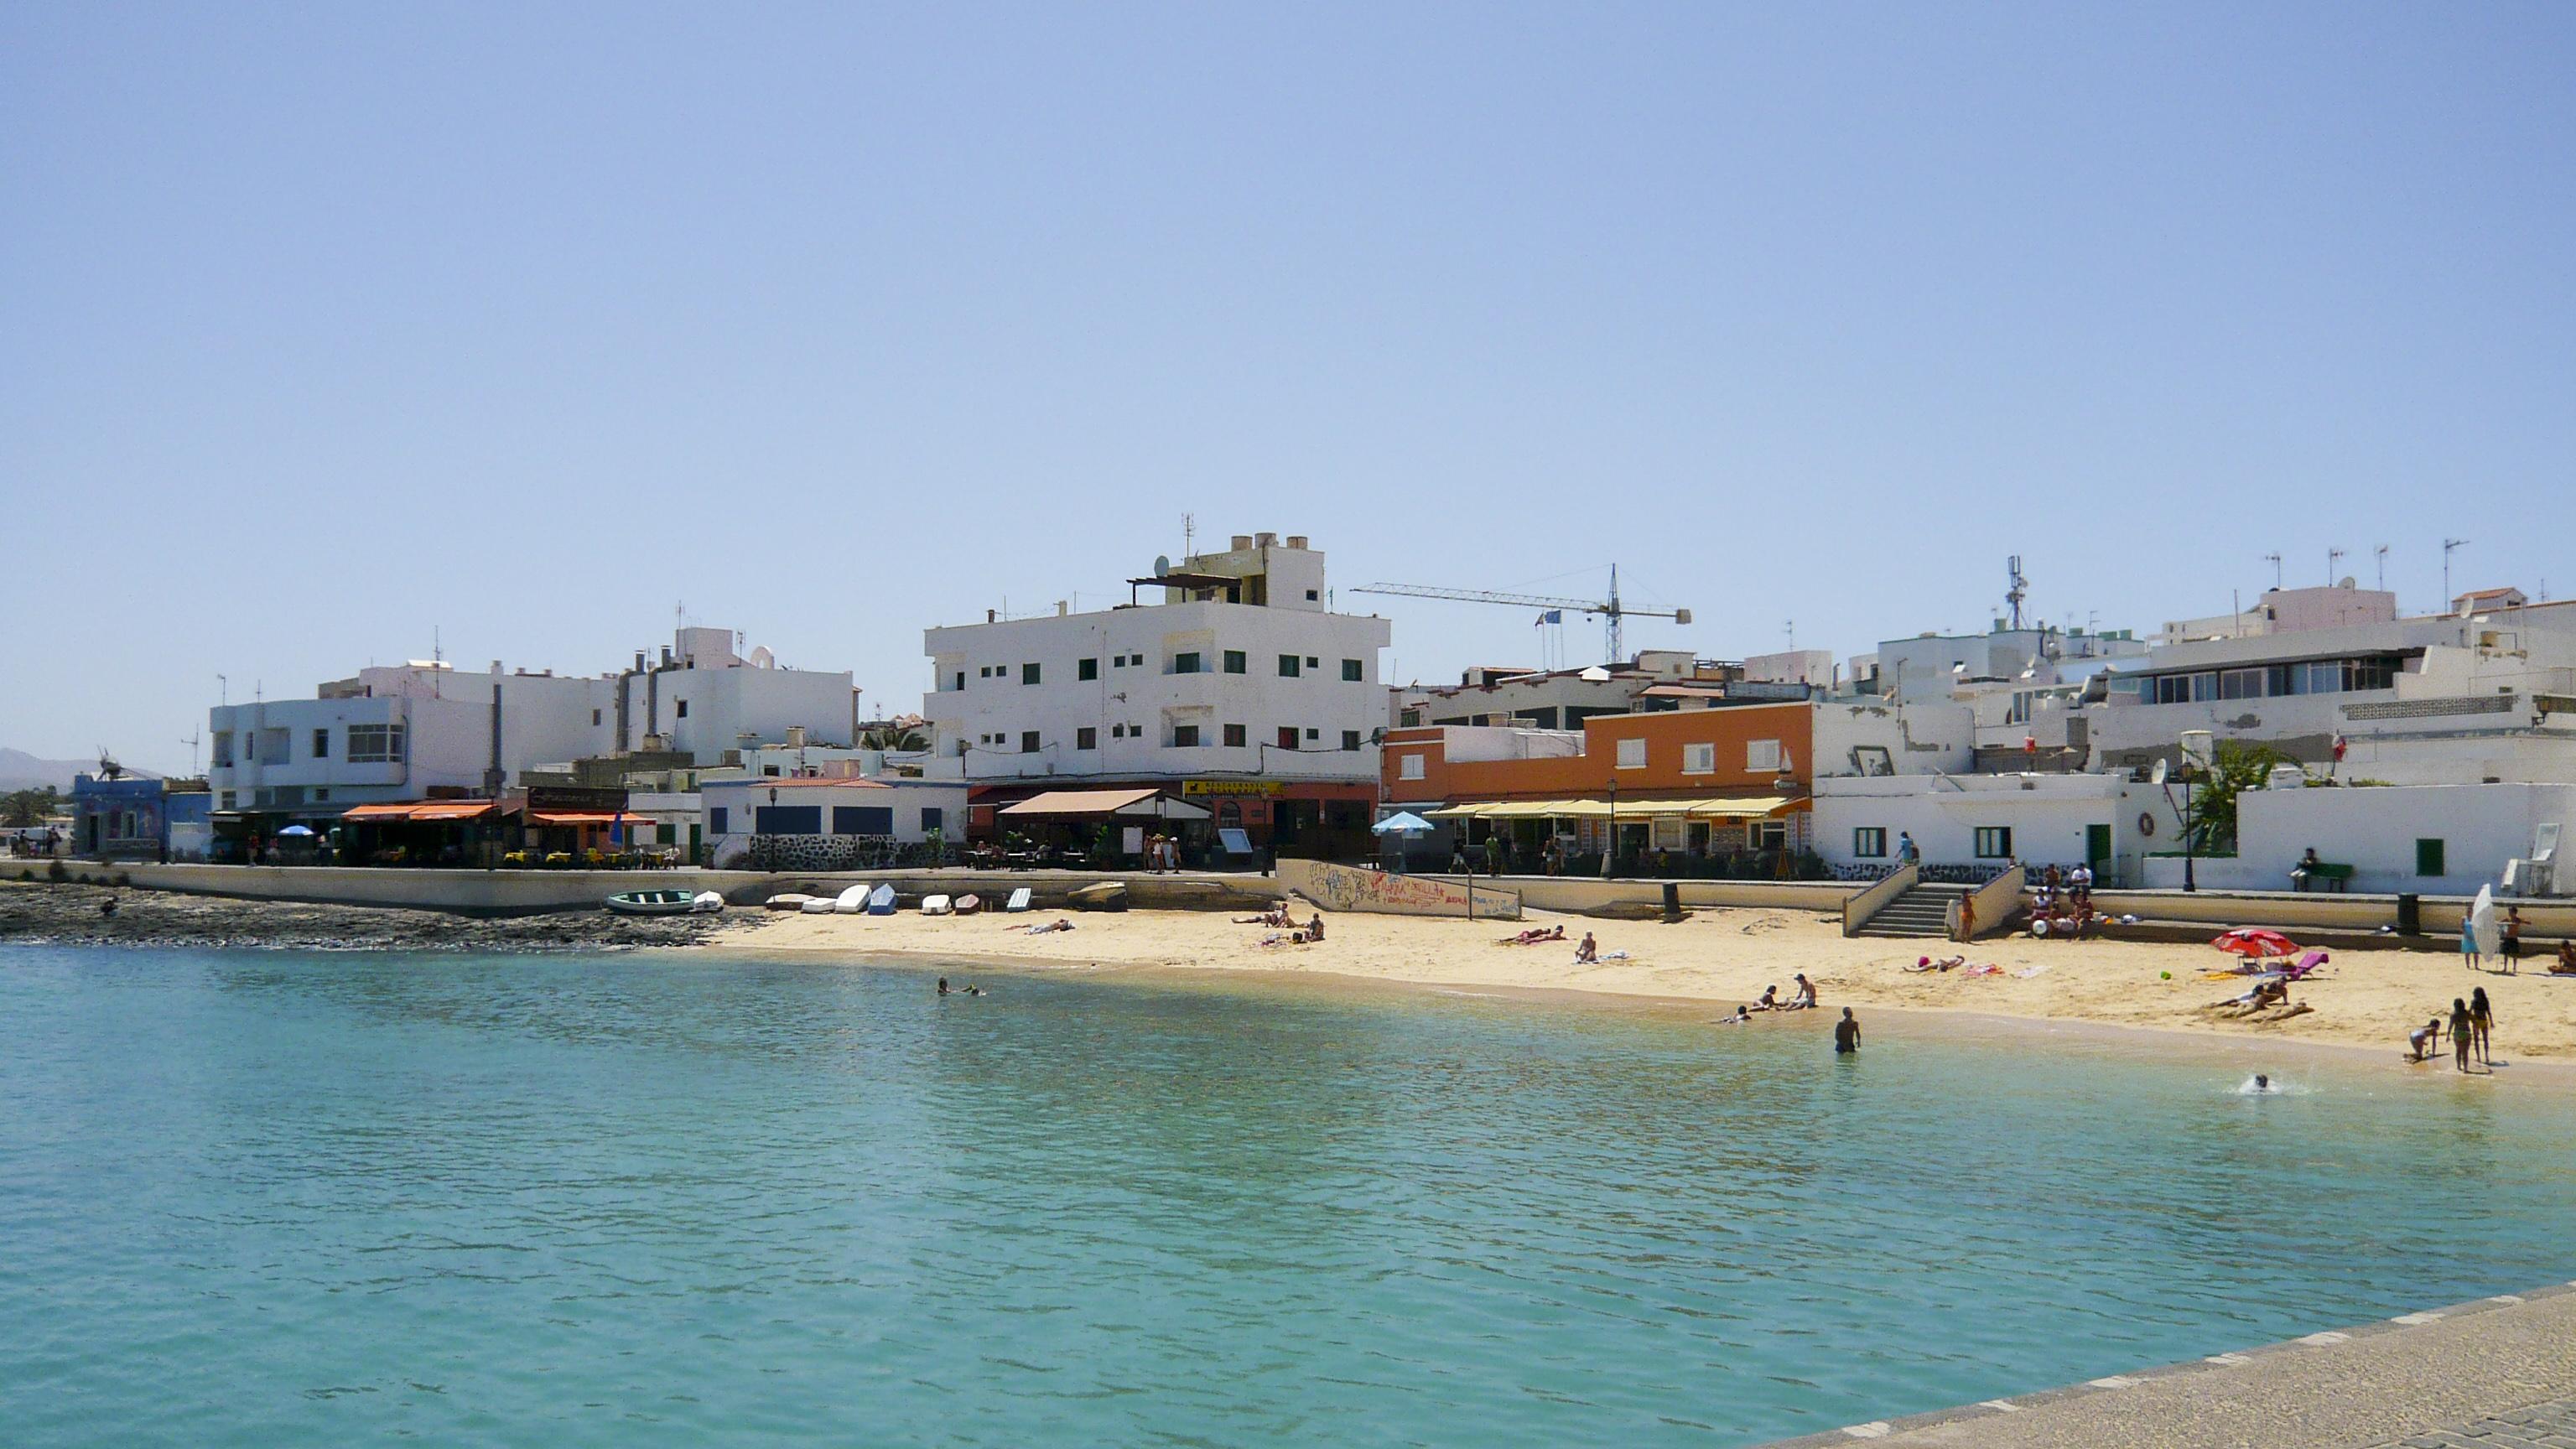 File:Corralejo Town Beach (2855473627).jpg - Wikimedia Commons